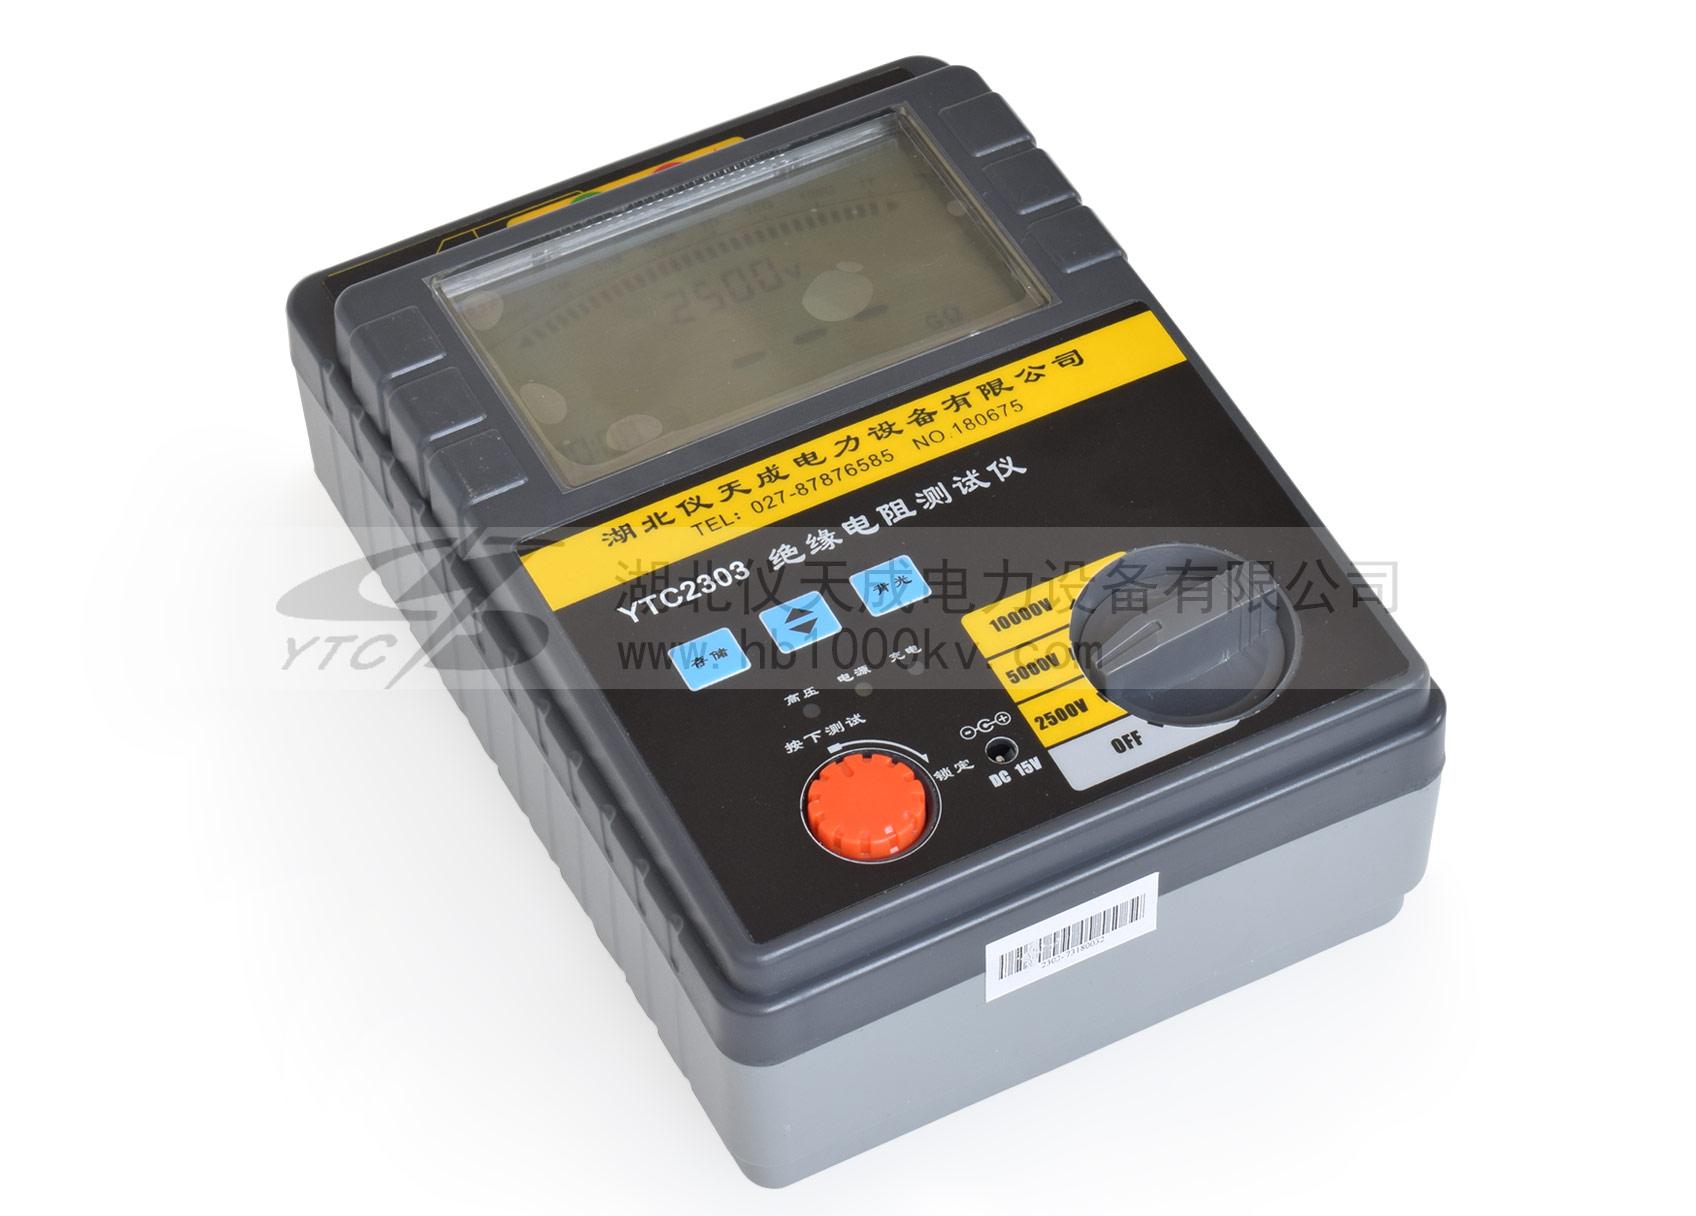 YTC2303絕緣電阻測試儀